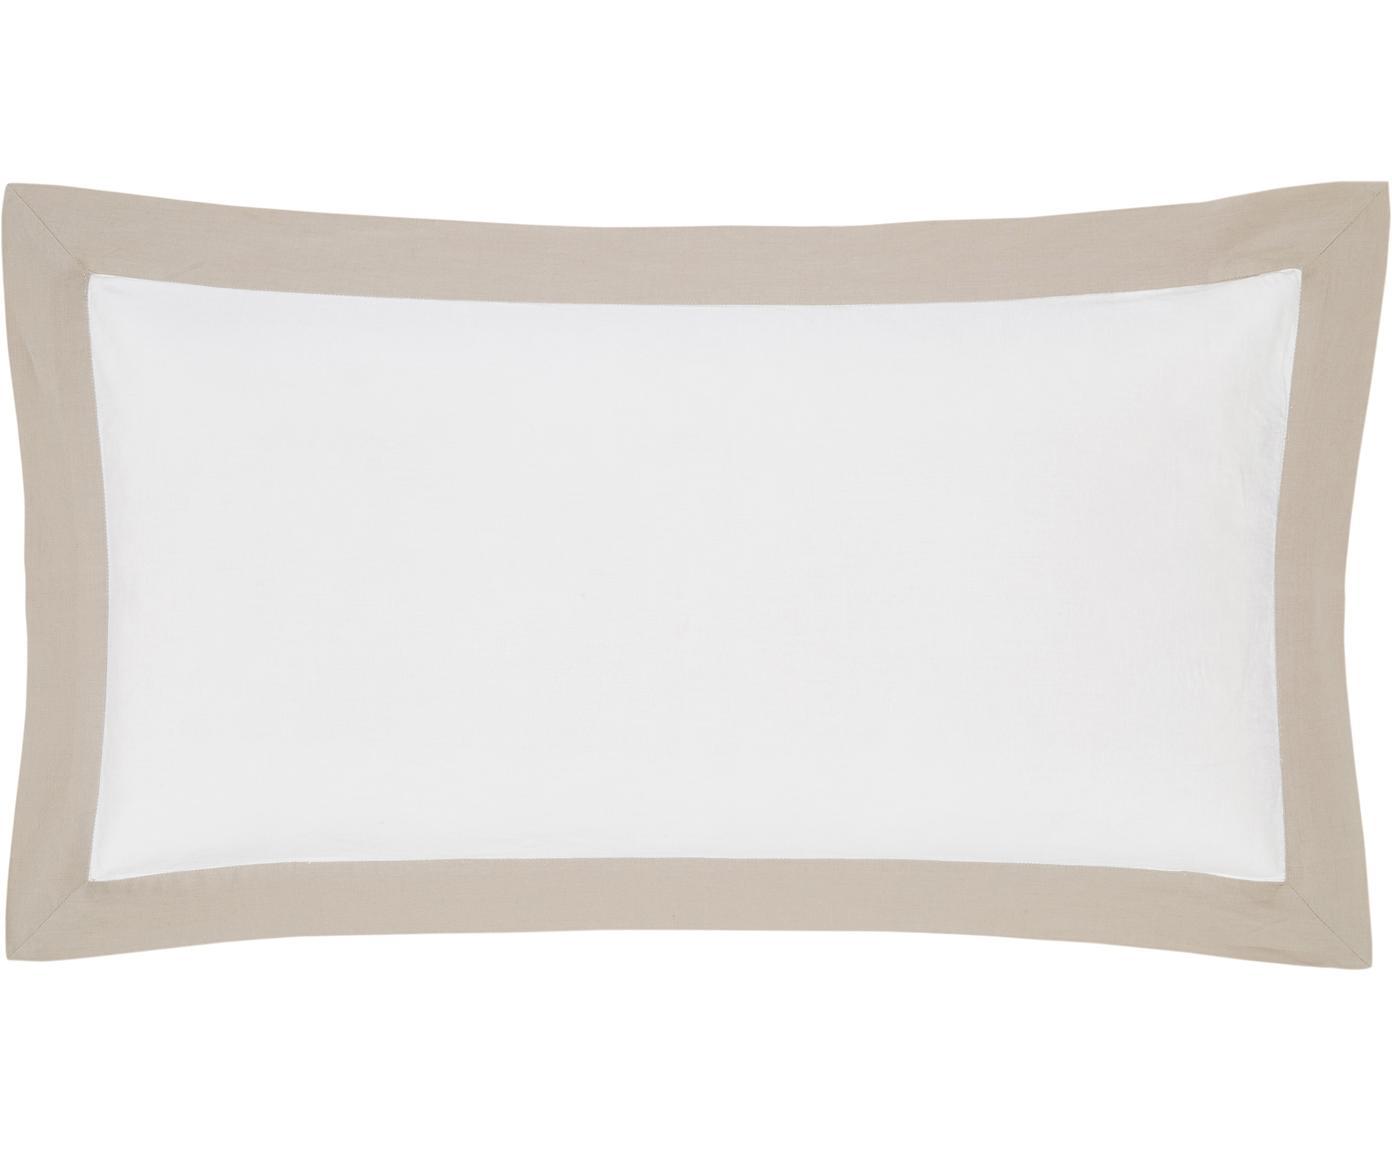 Poszewka na poduszkę z lnu z efektem sprania Eleanore, 2 szt., 52% len, 48% bawełna Z efektem stonewash zapewniającym miękkość w dotyku, Biały, beżowy, S 40 x D 80 cm